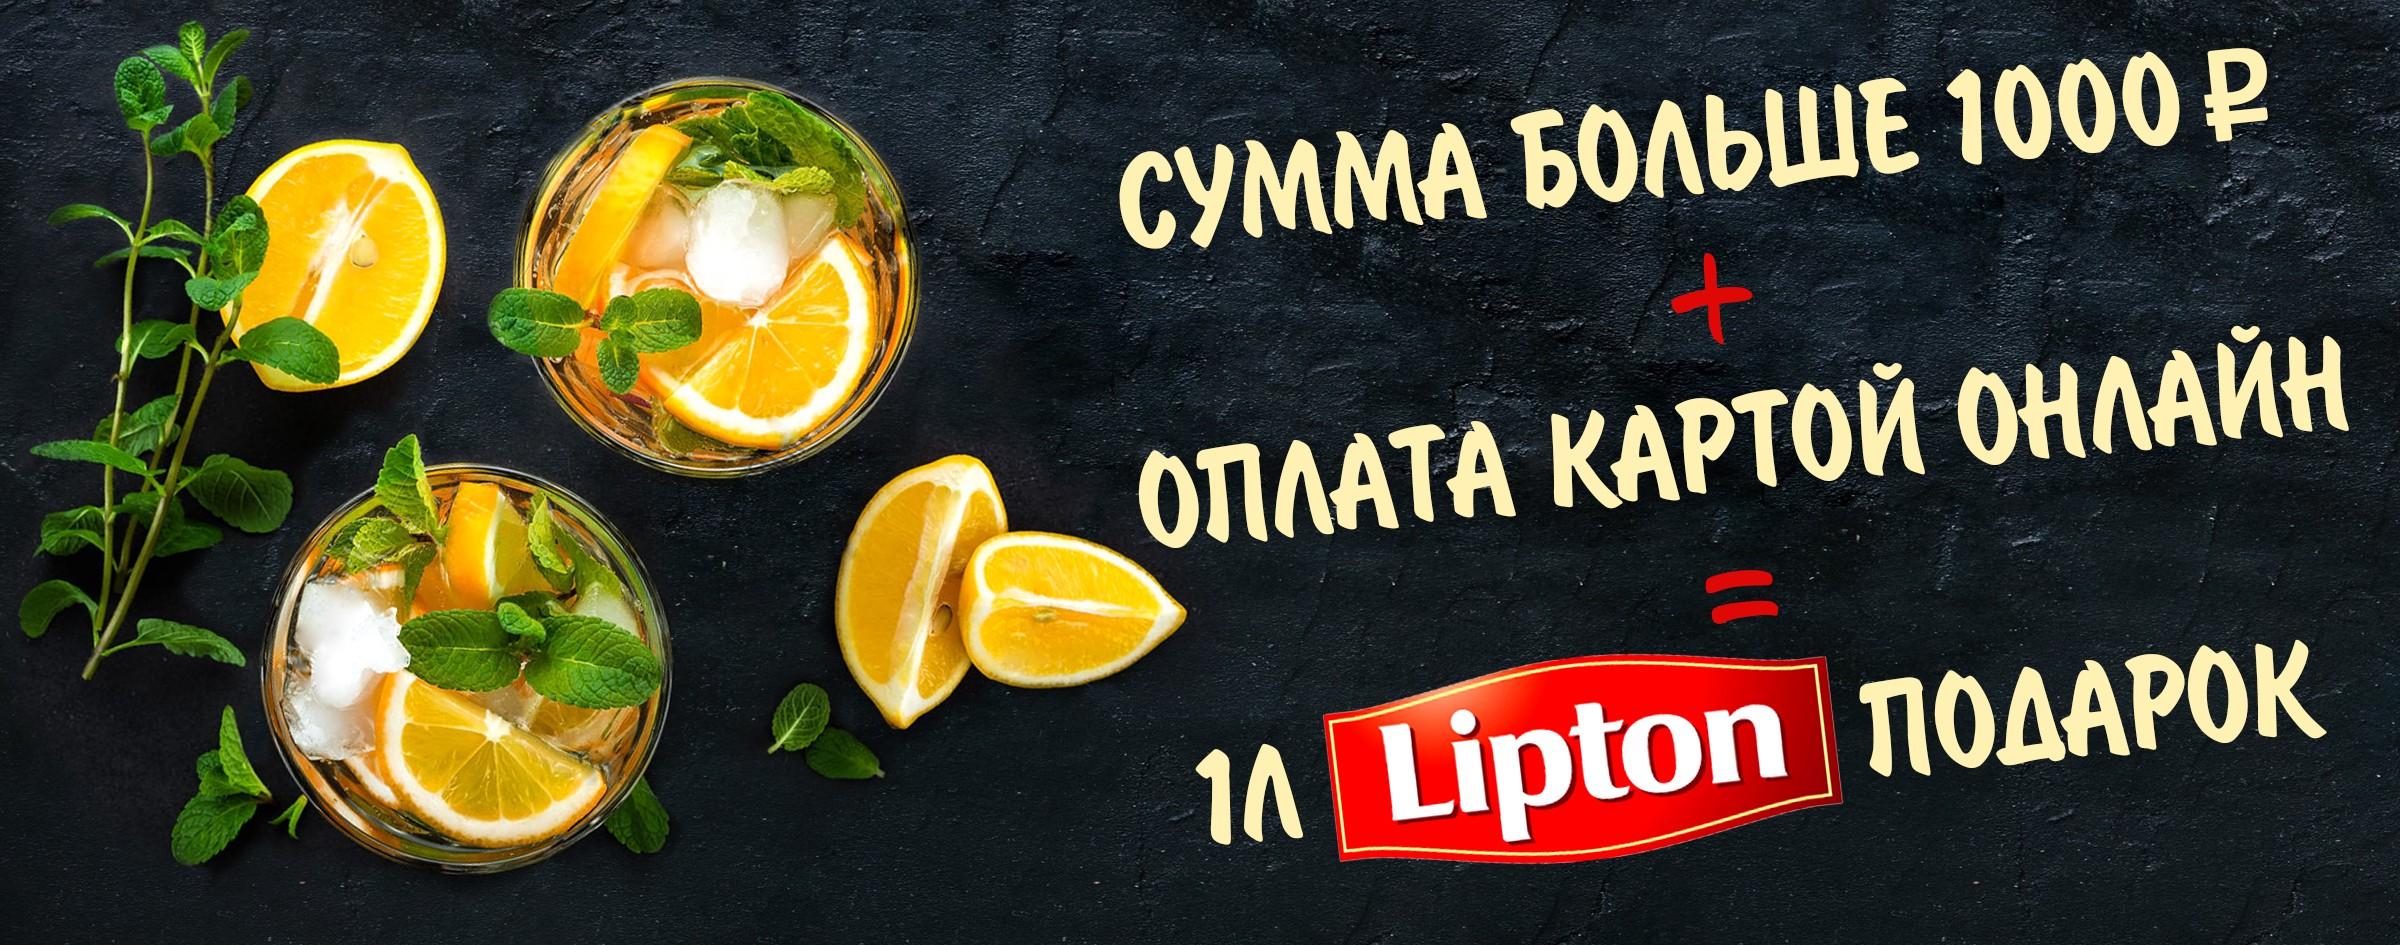 При оплате онлайн на сумму от 1000р. - подарок!